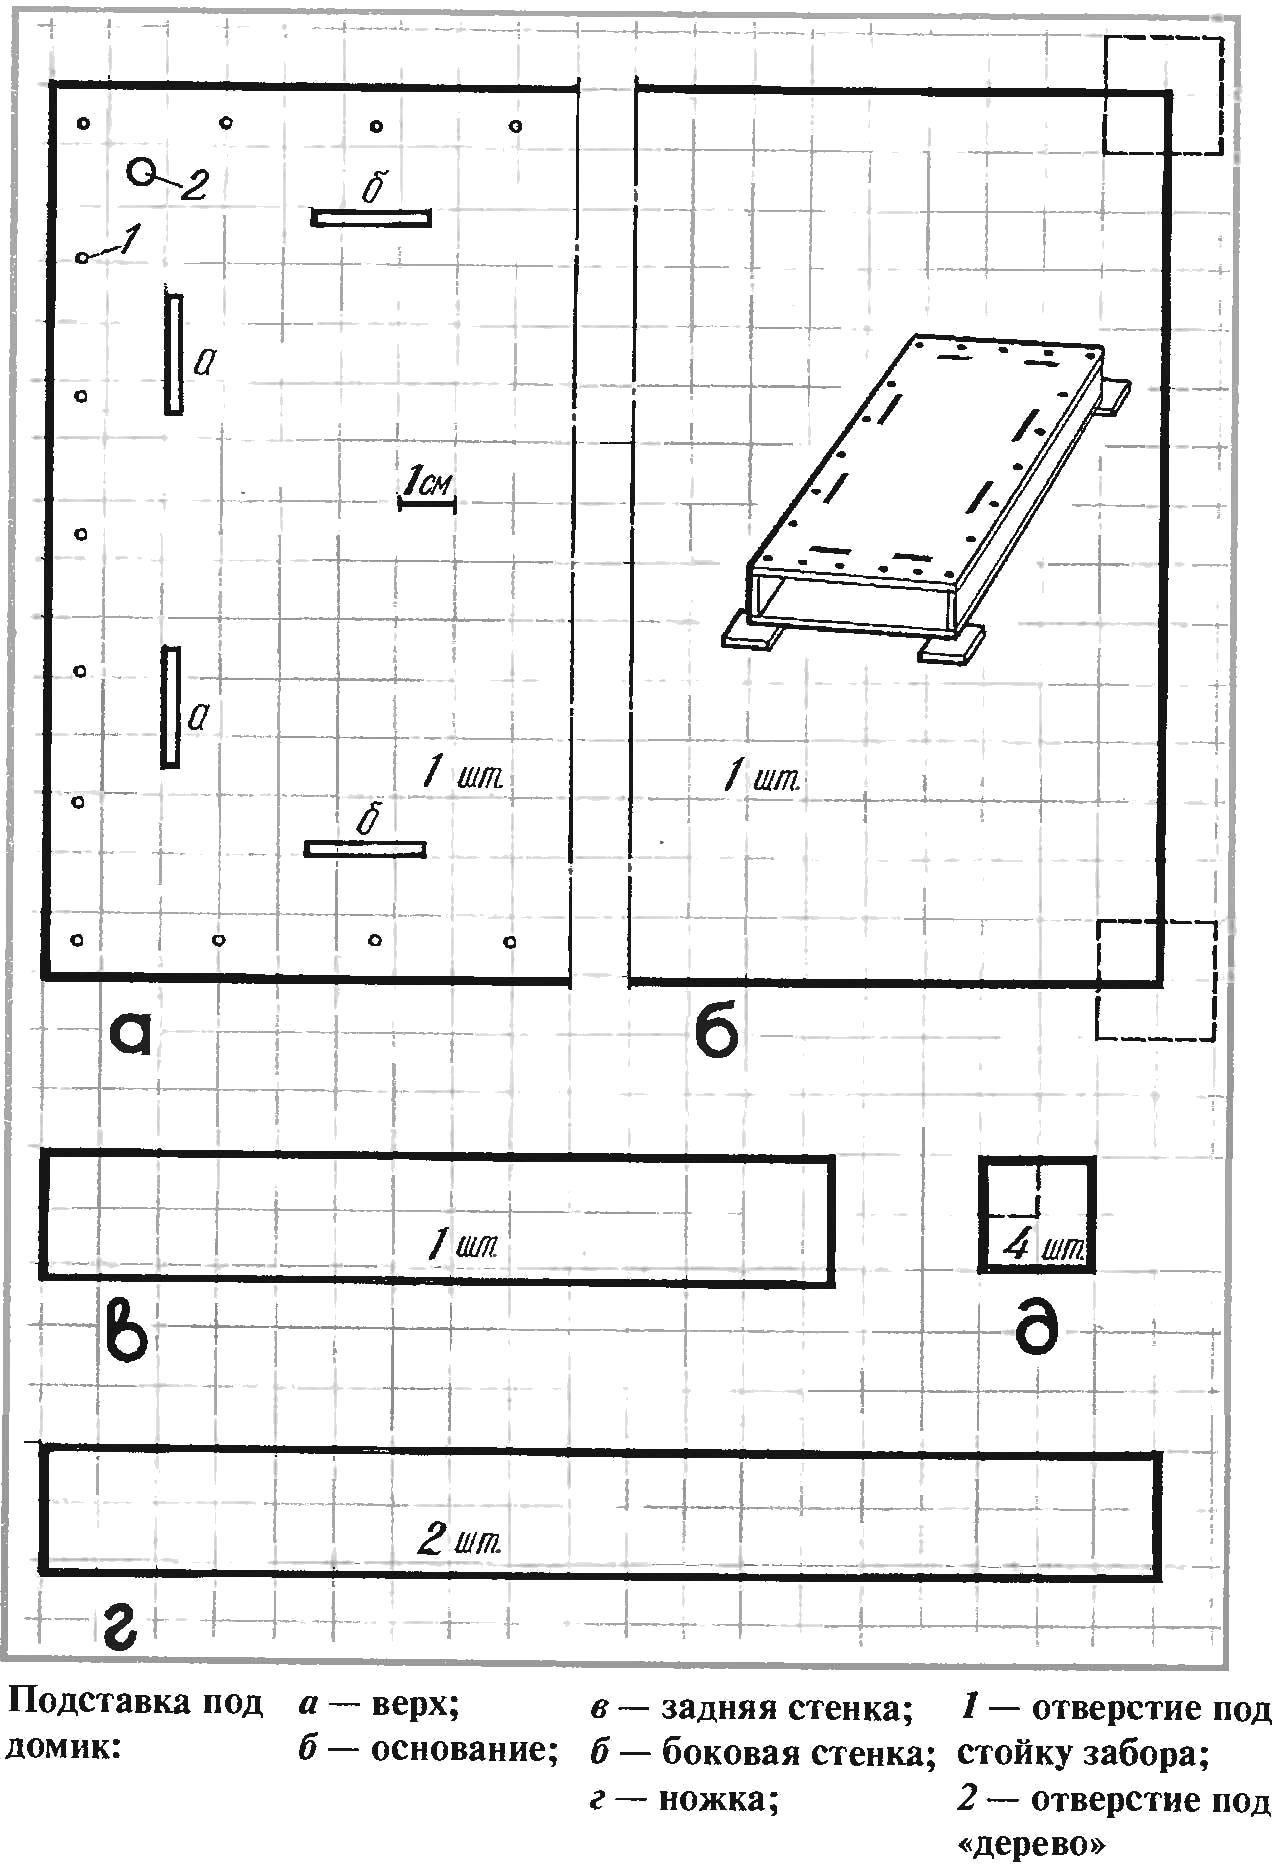 Раскраска Домик - шкатулка для рукодельницы. Скачать .  Распечатать